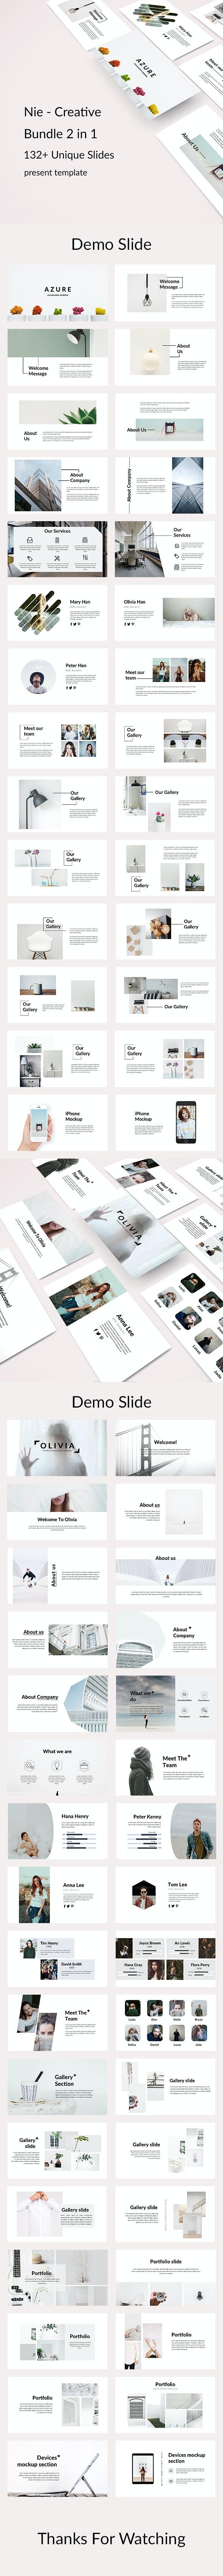 Nie 2 in 1- Creative Powerpoint Template Bundle - Creative PowerPoint Templates